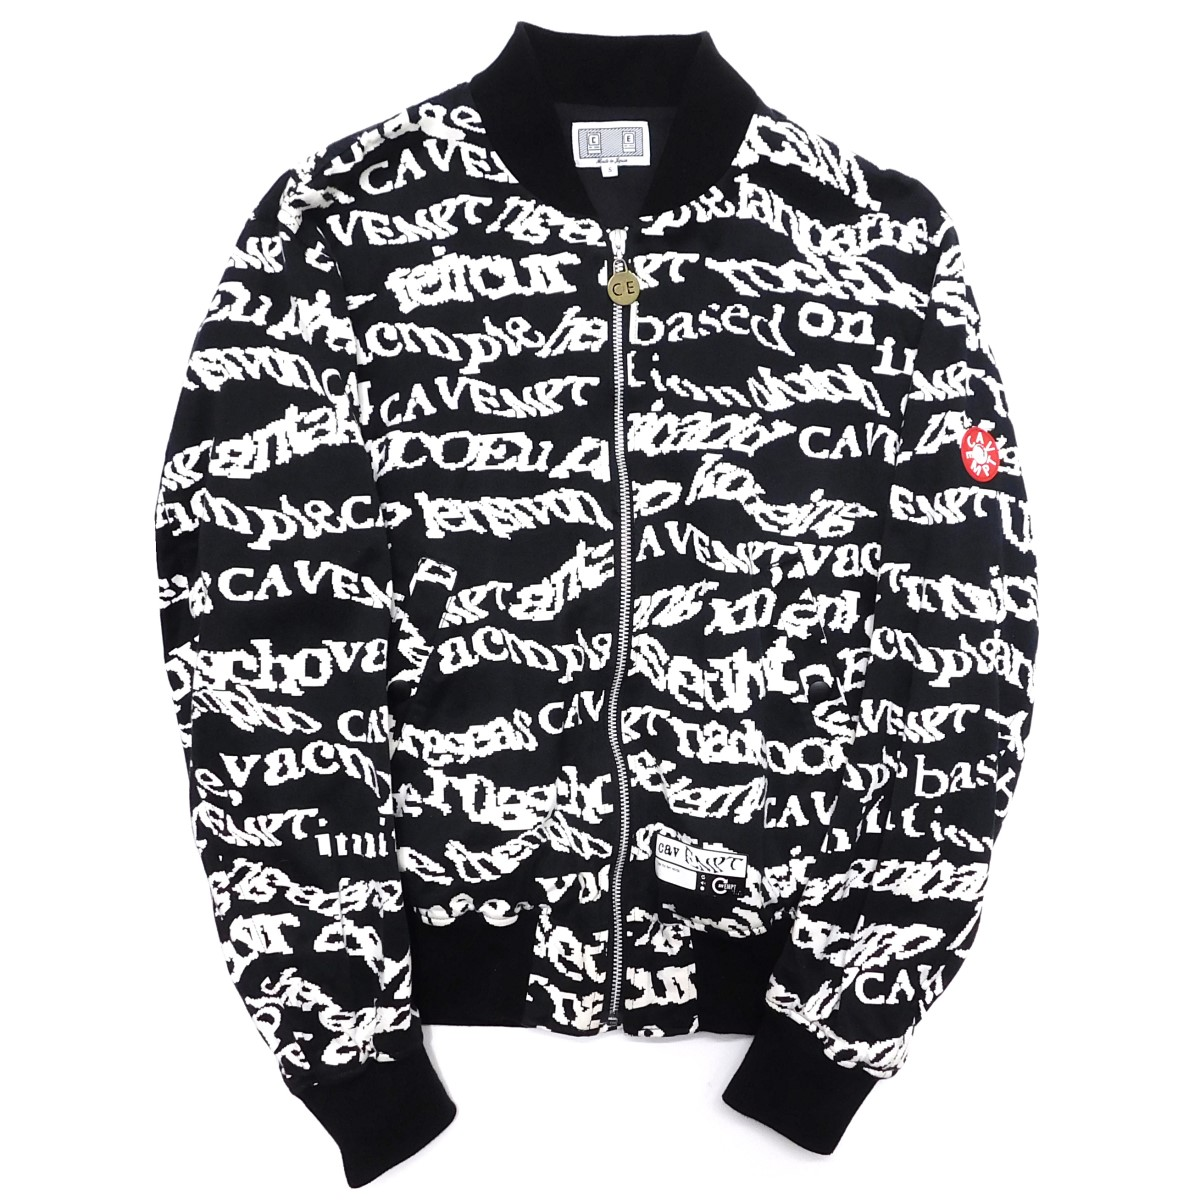 【中古】C.E CAV EMPT 2014AW SECURITY JACKET 総柄ジャケット ブラック サイズ:S 【110220】(シーイー)